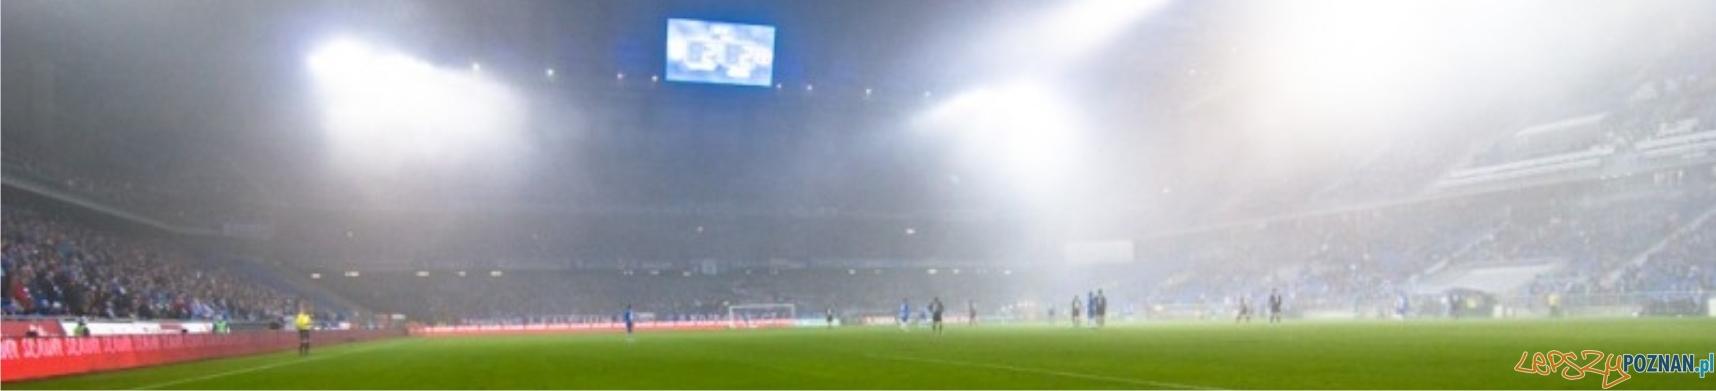 panorama stadion mgła  Foto: lepszyPOZNAN.pl / Piotr Rychter